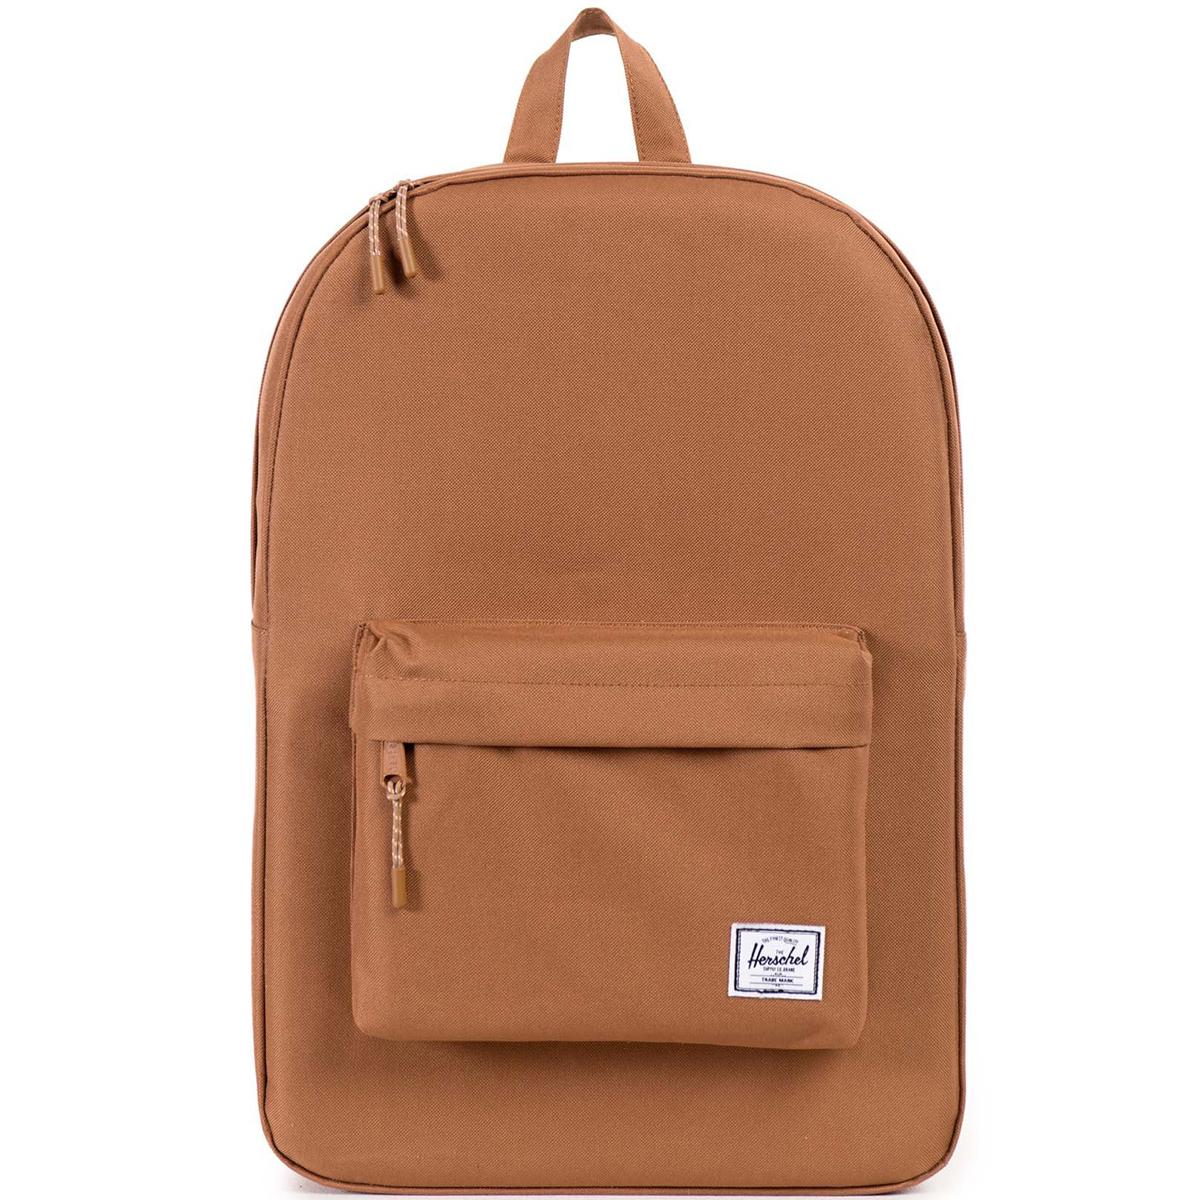 Рюкзак городской Herschel Classic (A/S), цвет: светло-коричневый. 828432048359RivaCase 8460 blackРюкзак Herschel Classic целиком и полностью оправдывает свое название, выражая совершенство в лаконичных и идеальных линиях. Этот рюкзак создан для любых целей и поездок и отлично впишется в абсолютно любой стиль.